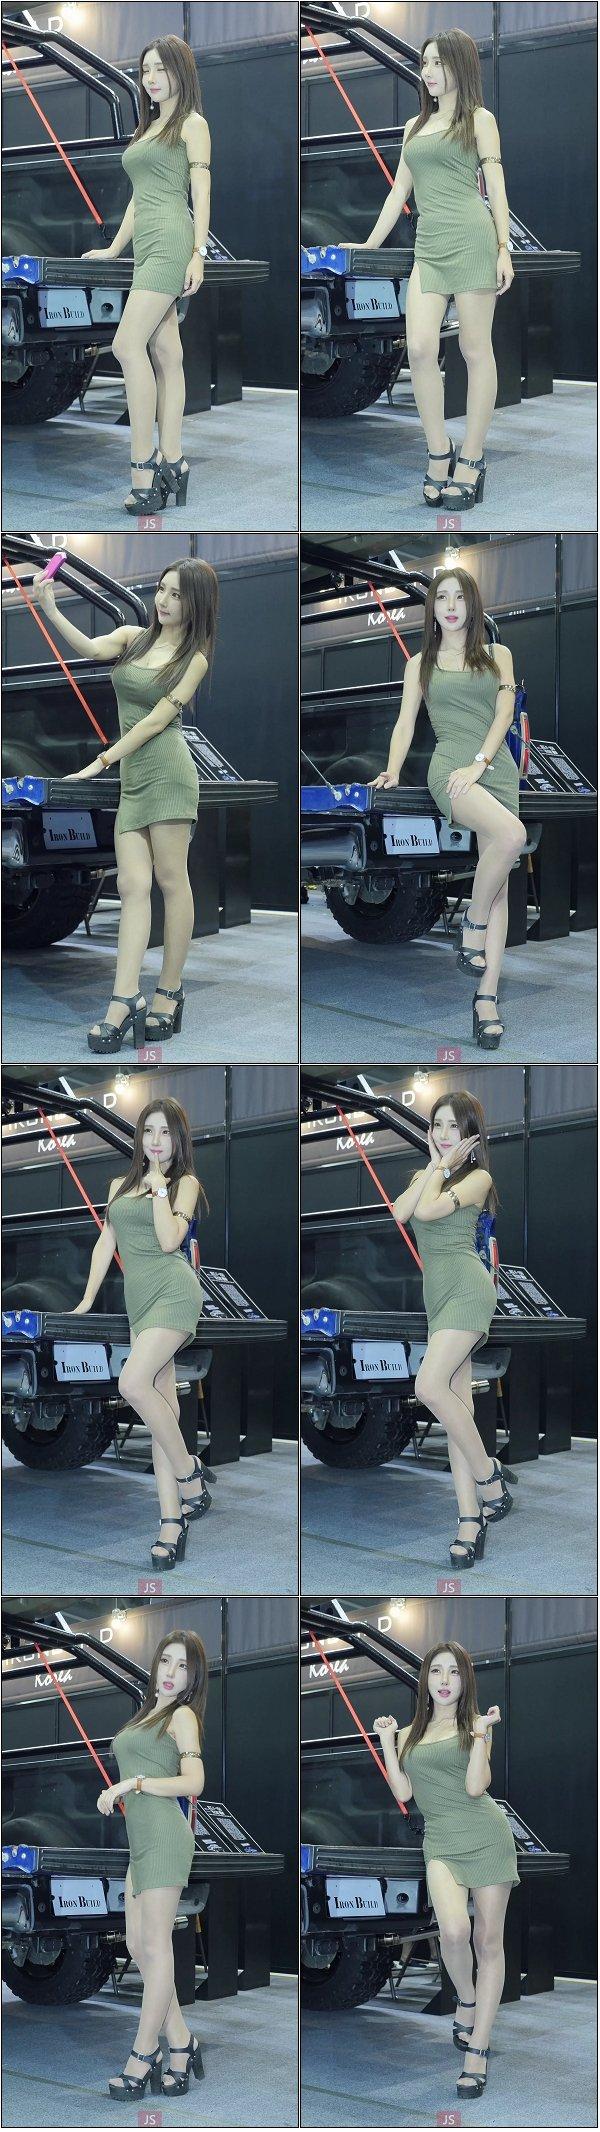 [会展模特] 韩国车展性感模特精选饭拍19465